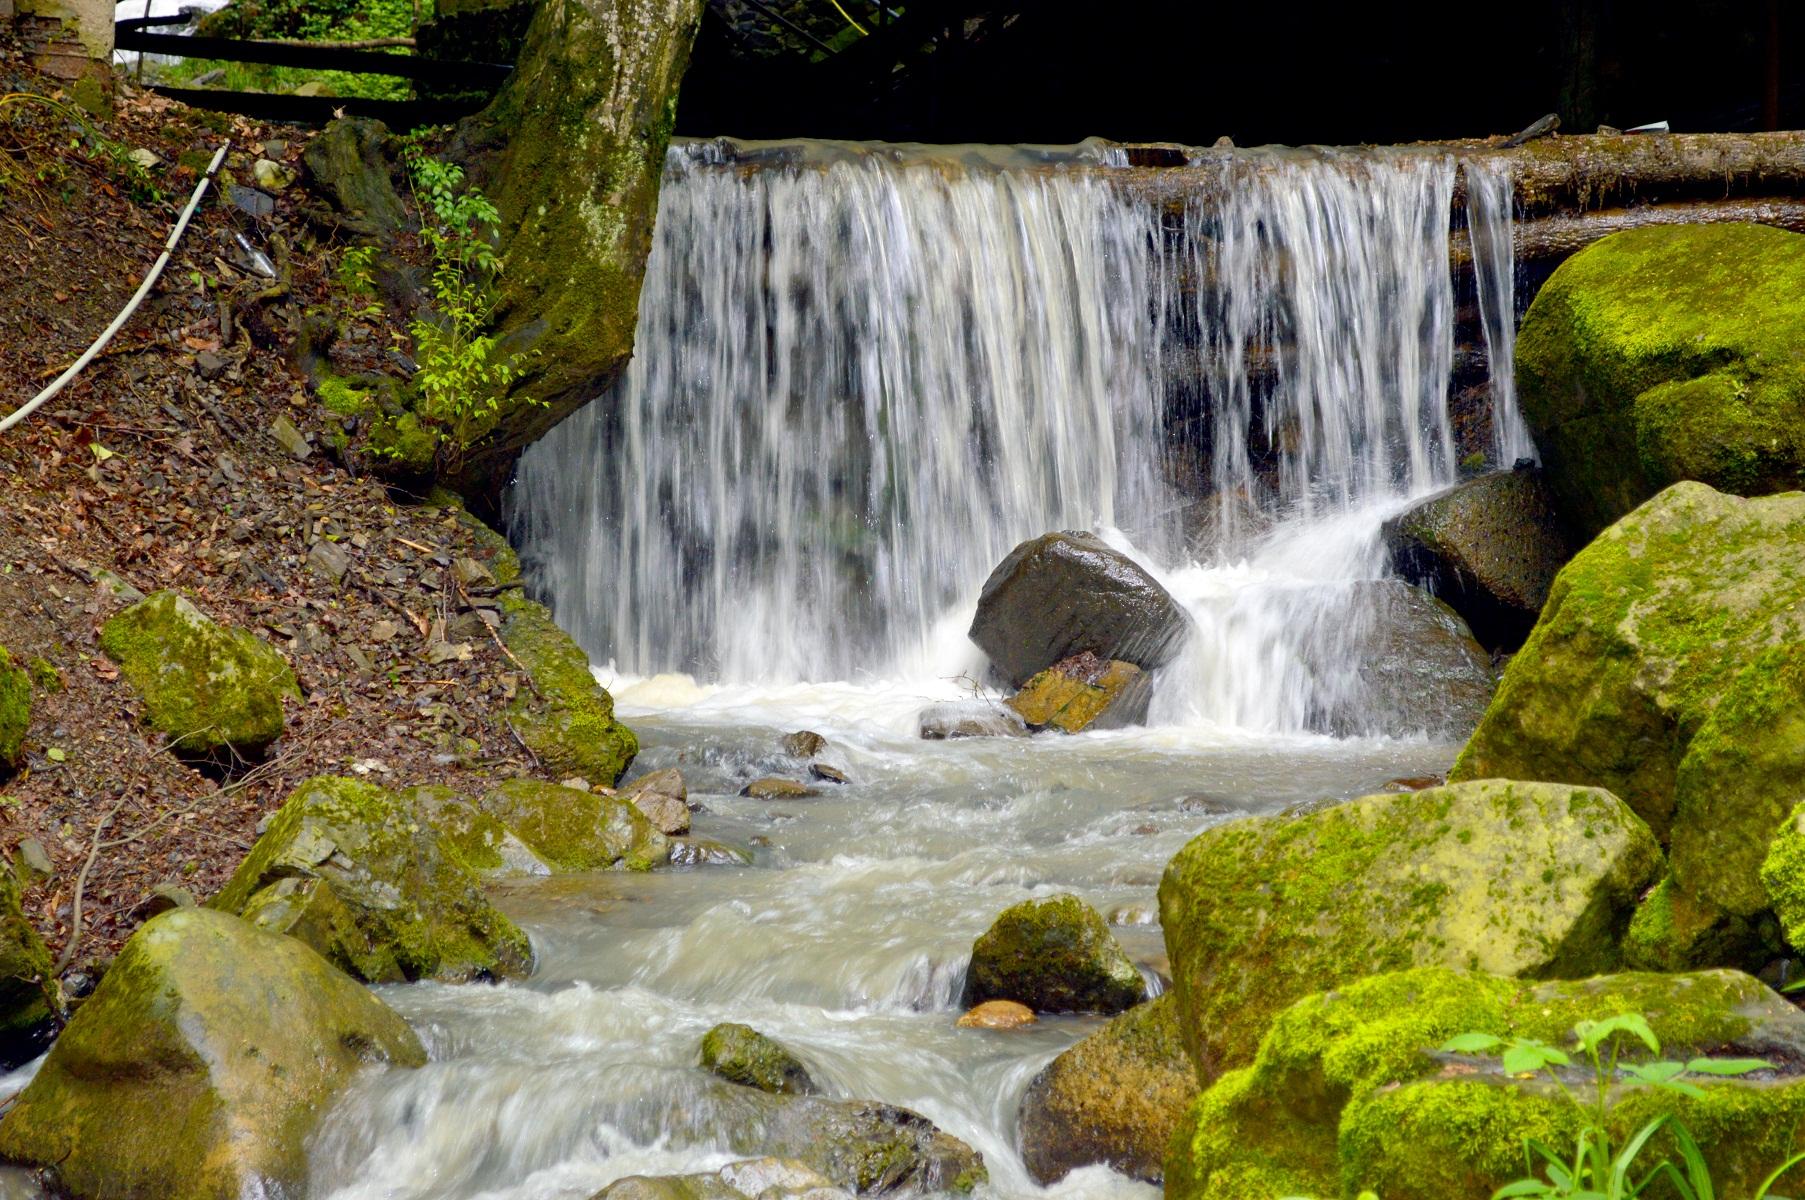 С нашей поездки на водопад 7 красавиц!